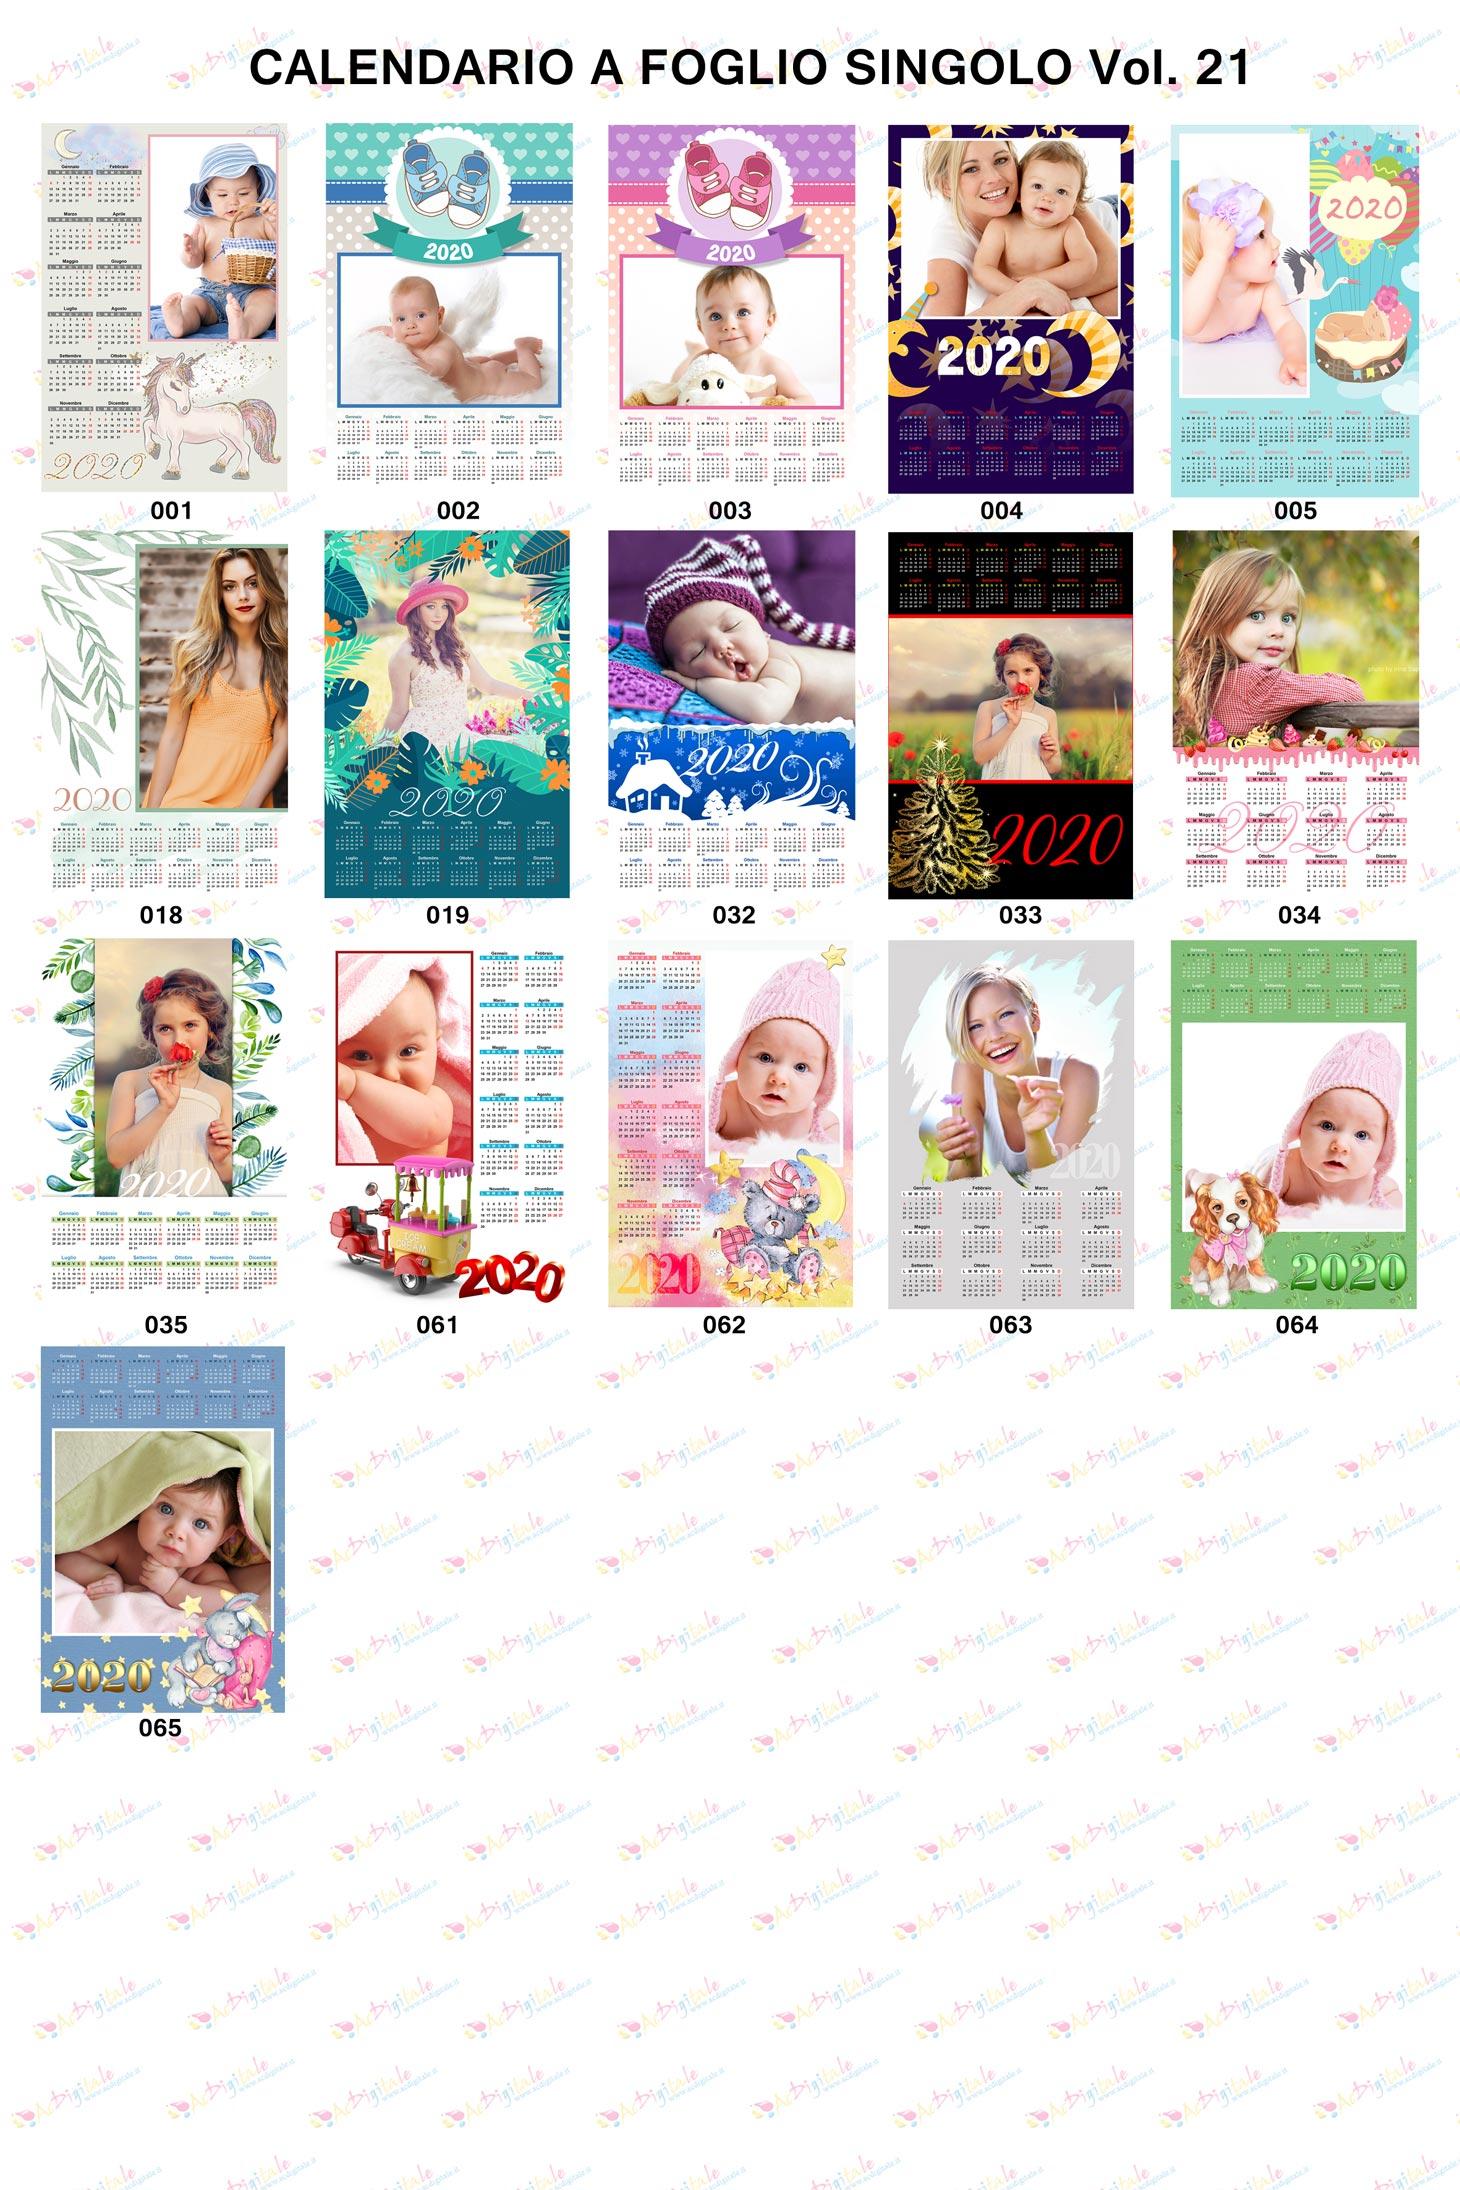 Anteprima calendari personalizzati 2020 volume 21